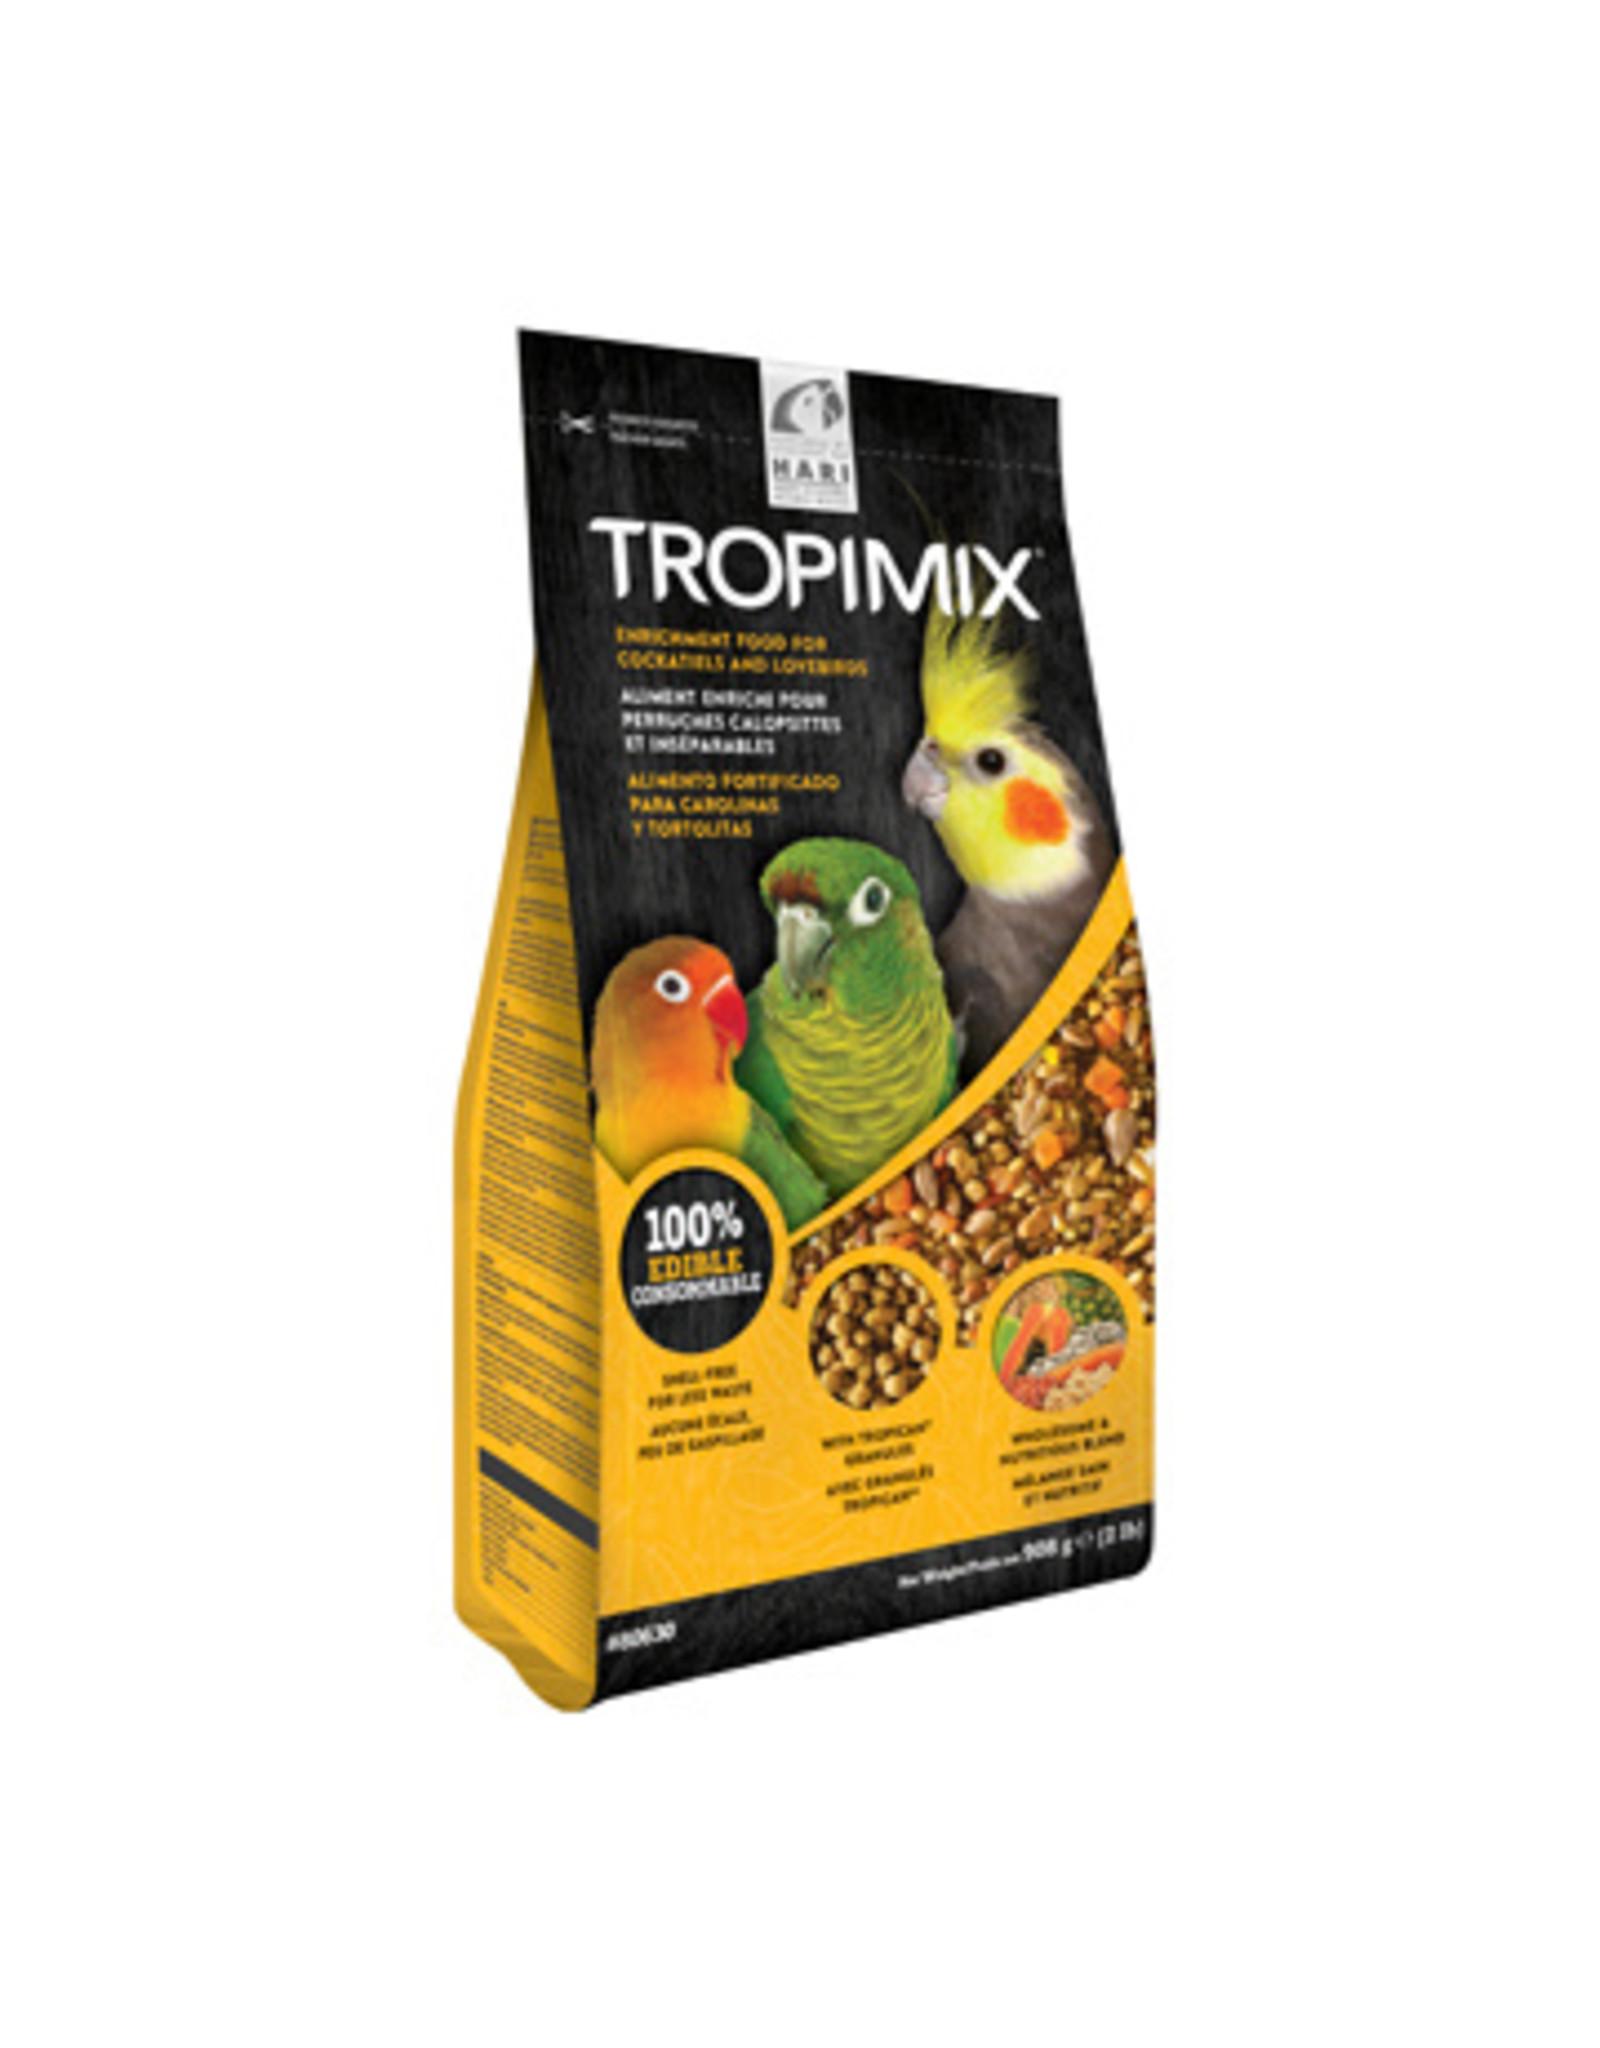 Tropimix Tropimix Formula for Cockatiels and Lovebirds